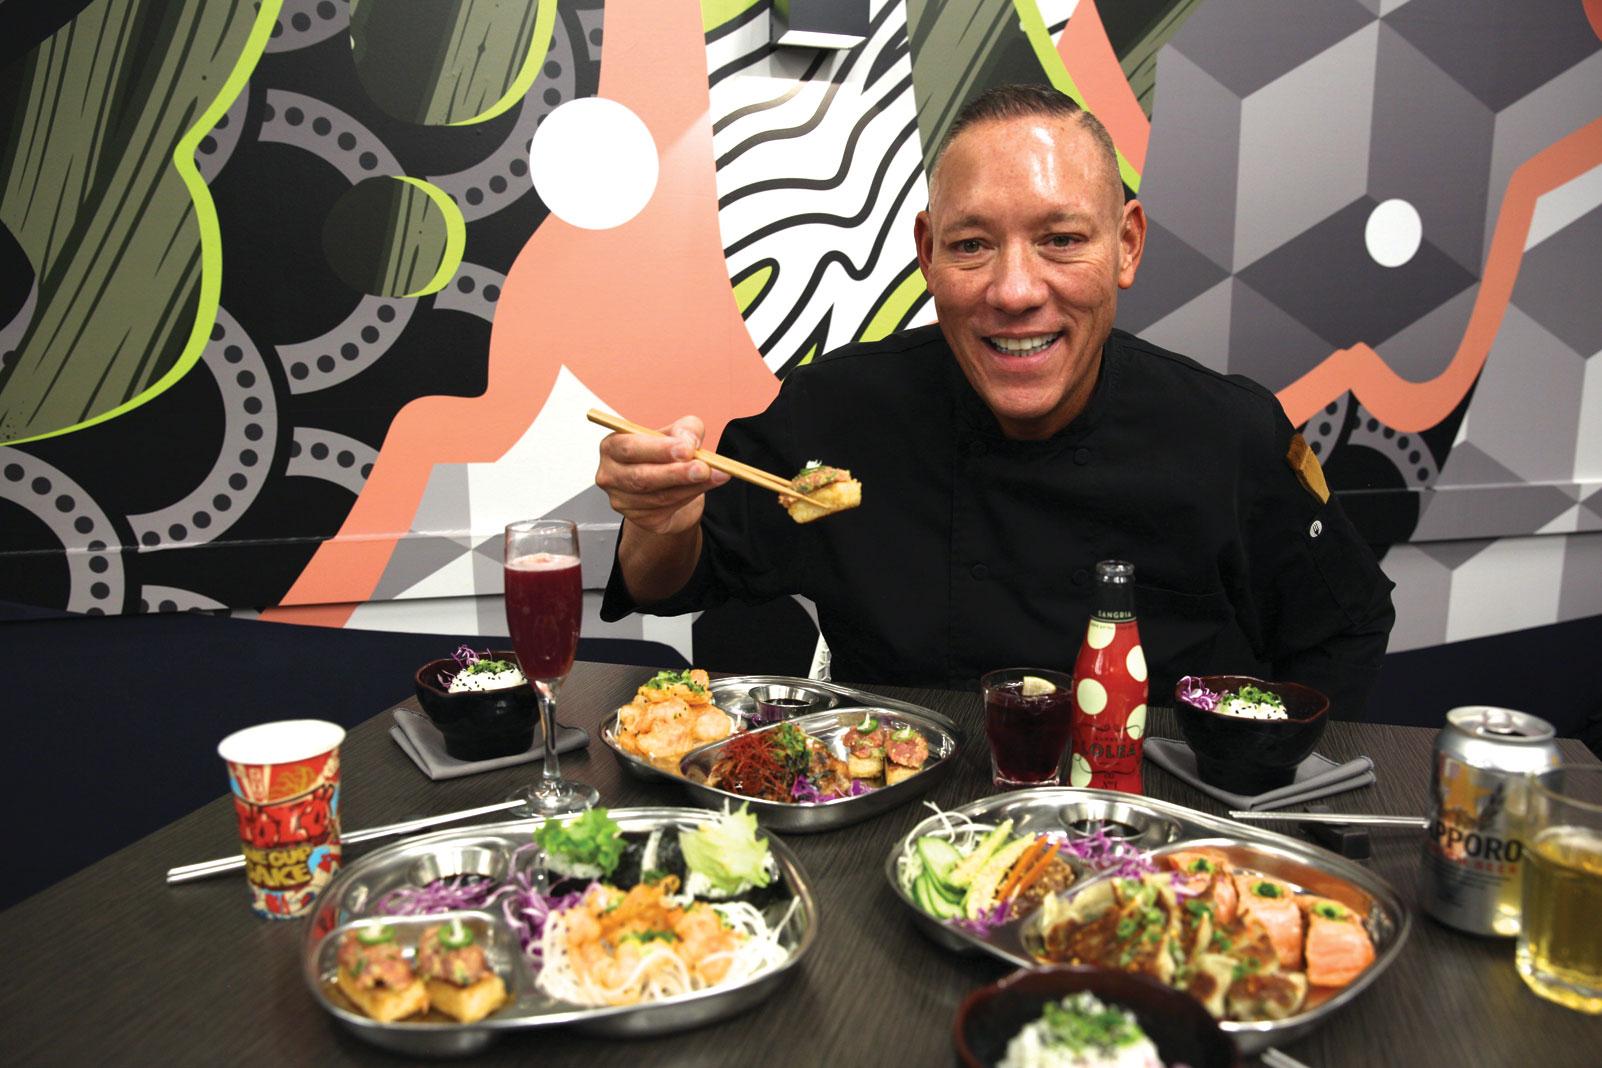 PinkU chef John Sugimura